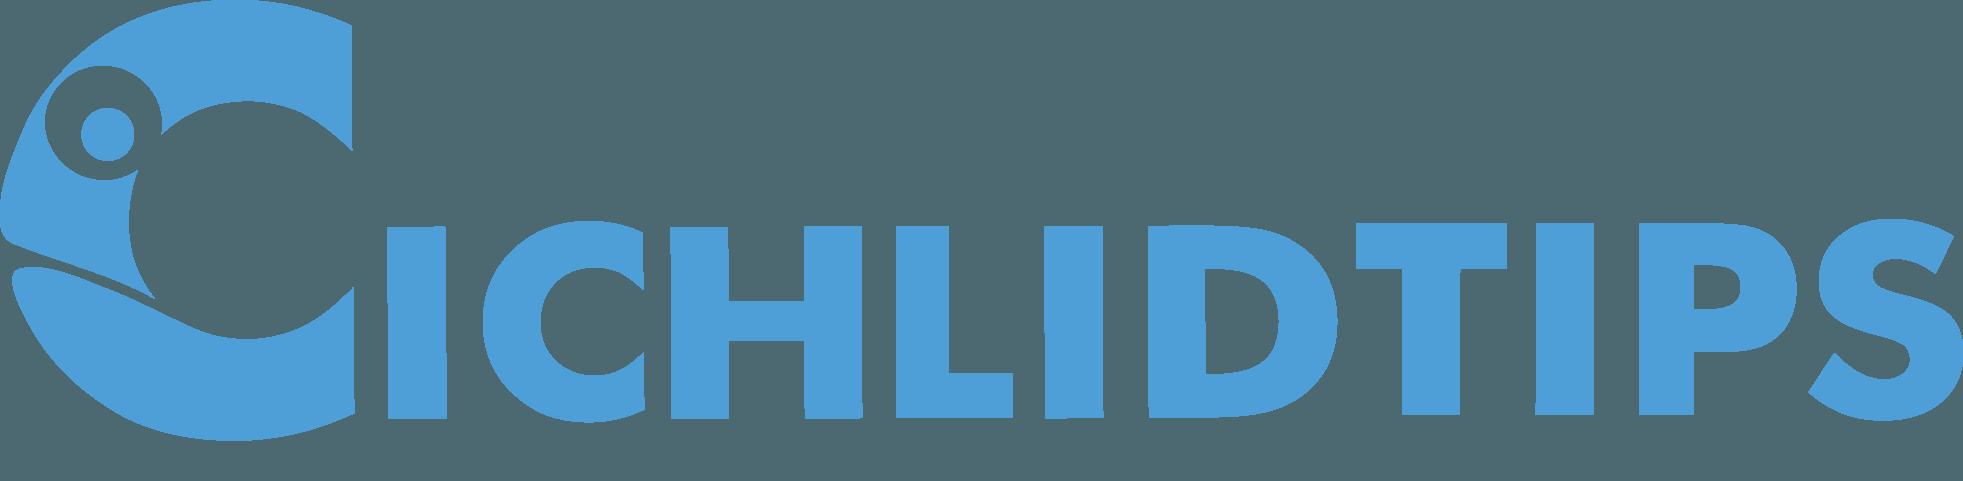 CichlidTips.com